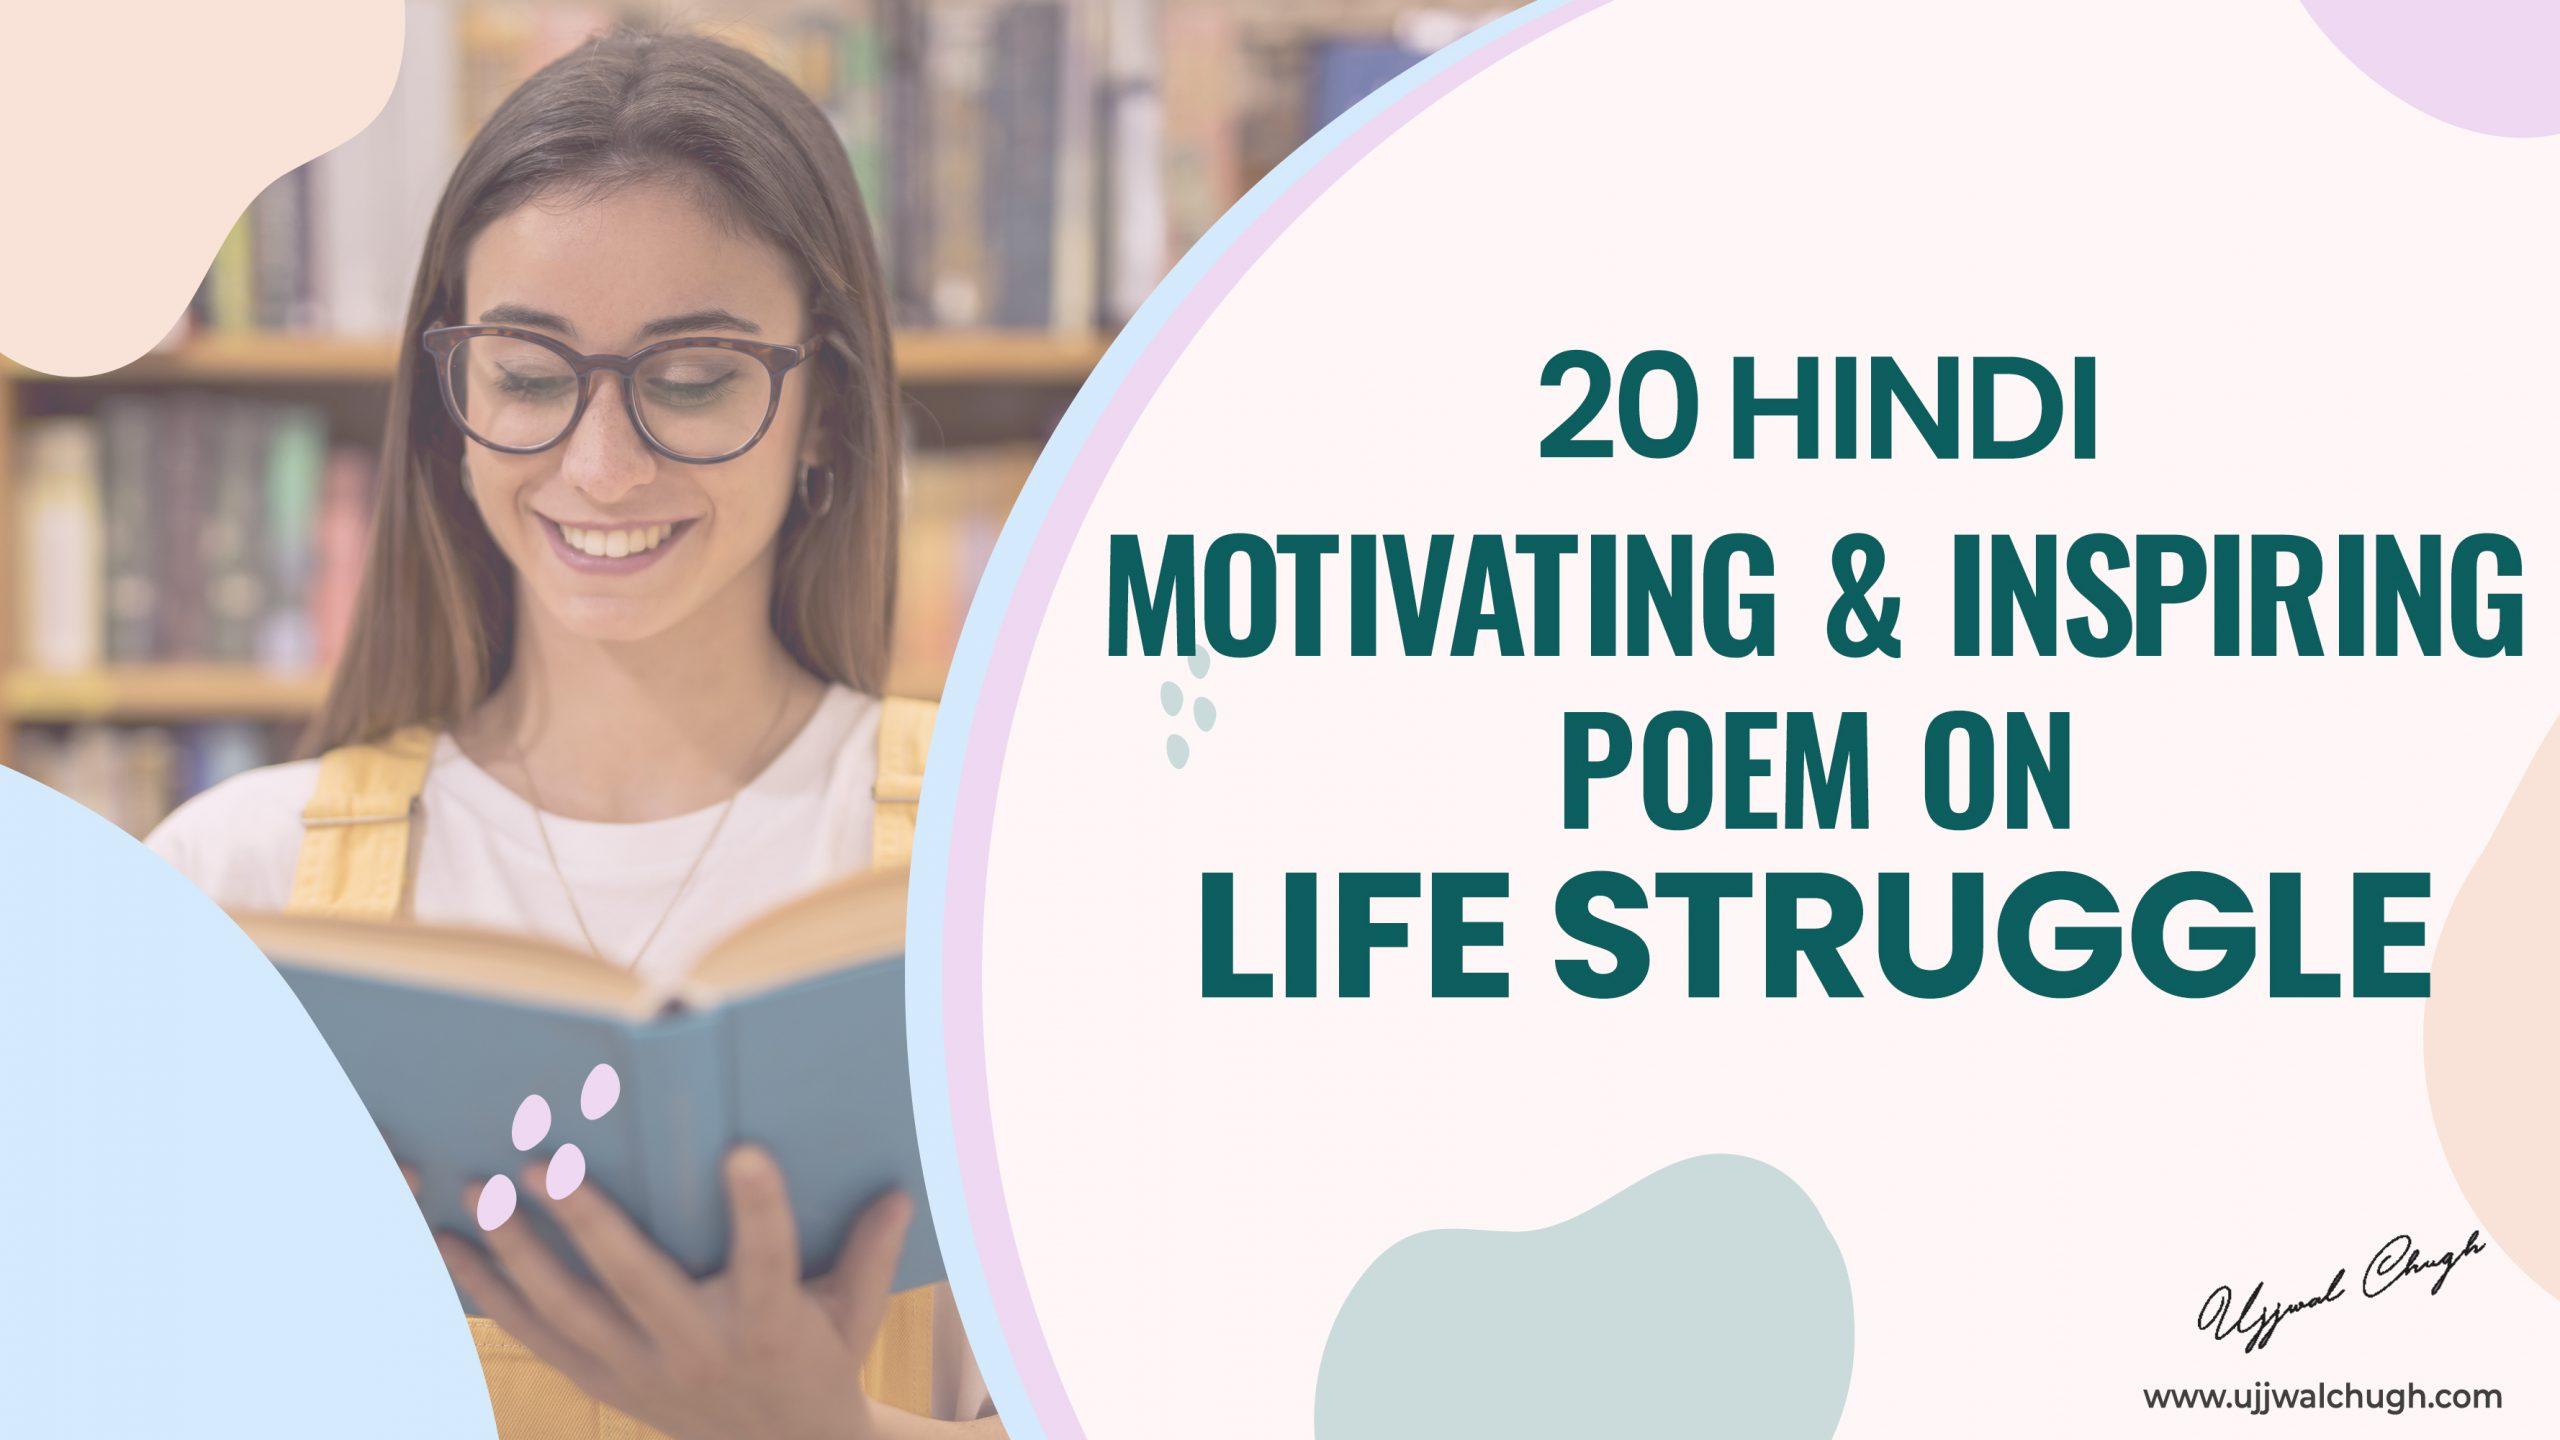 20 Hindi Motivating & Inspiring Poems on Life Struggle